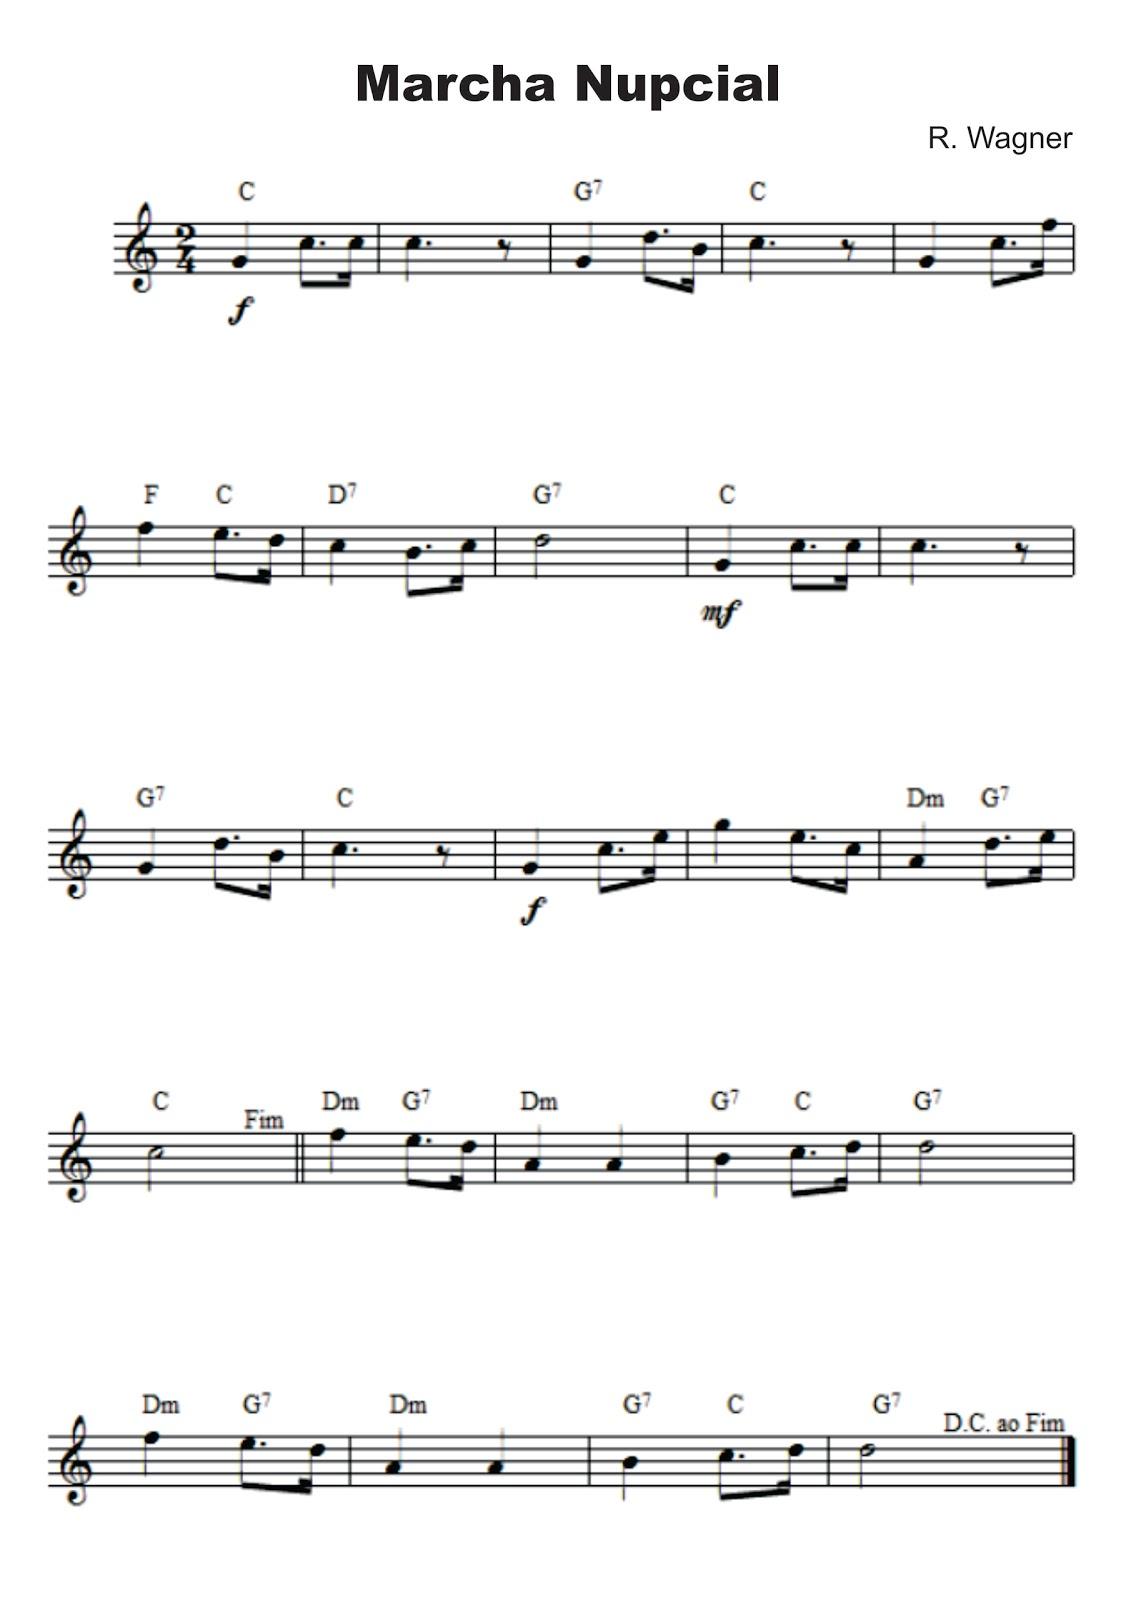 descargar gratis partitura marcha nupcial wagner